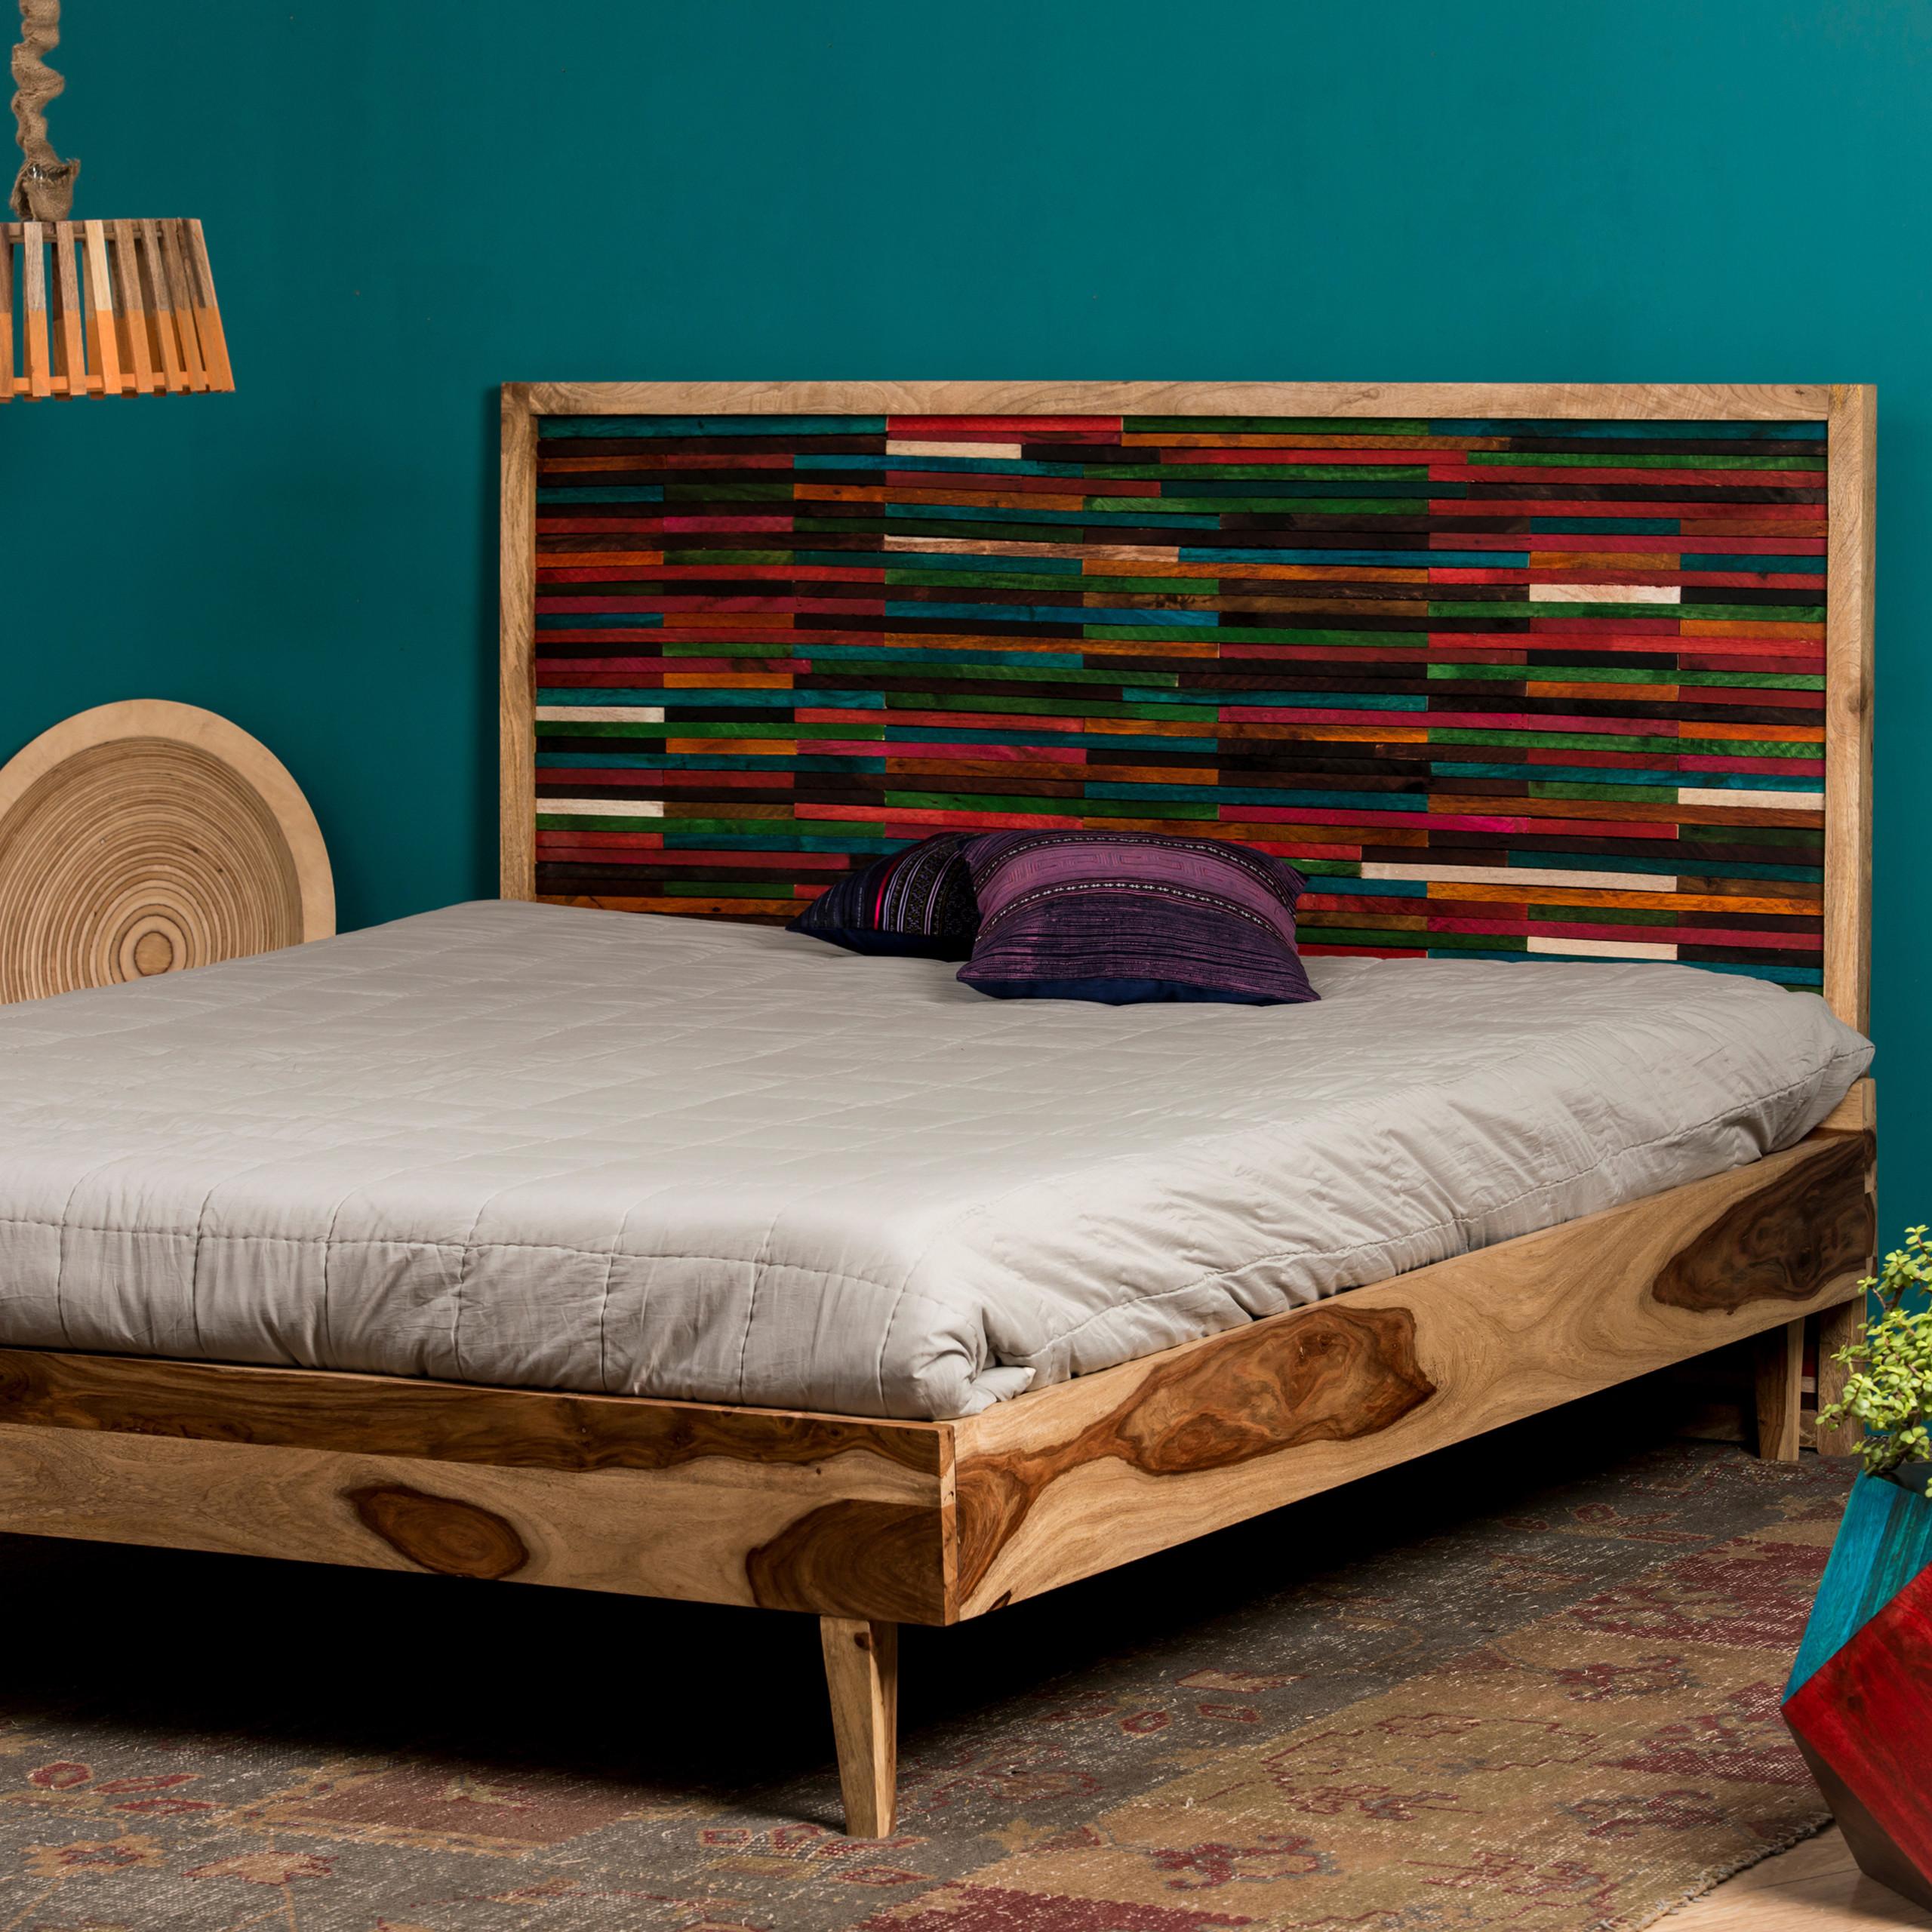 Letto matrimoniale 180 x 200 cm, Struttura in legno, senza materasso ...